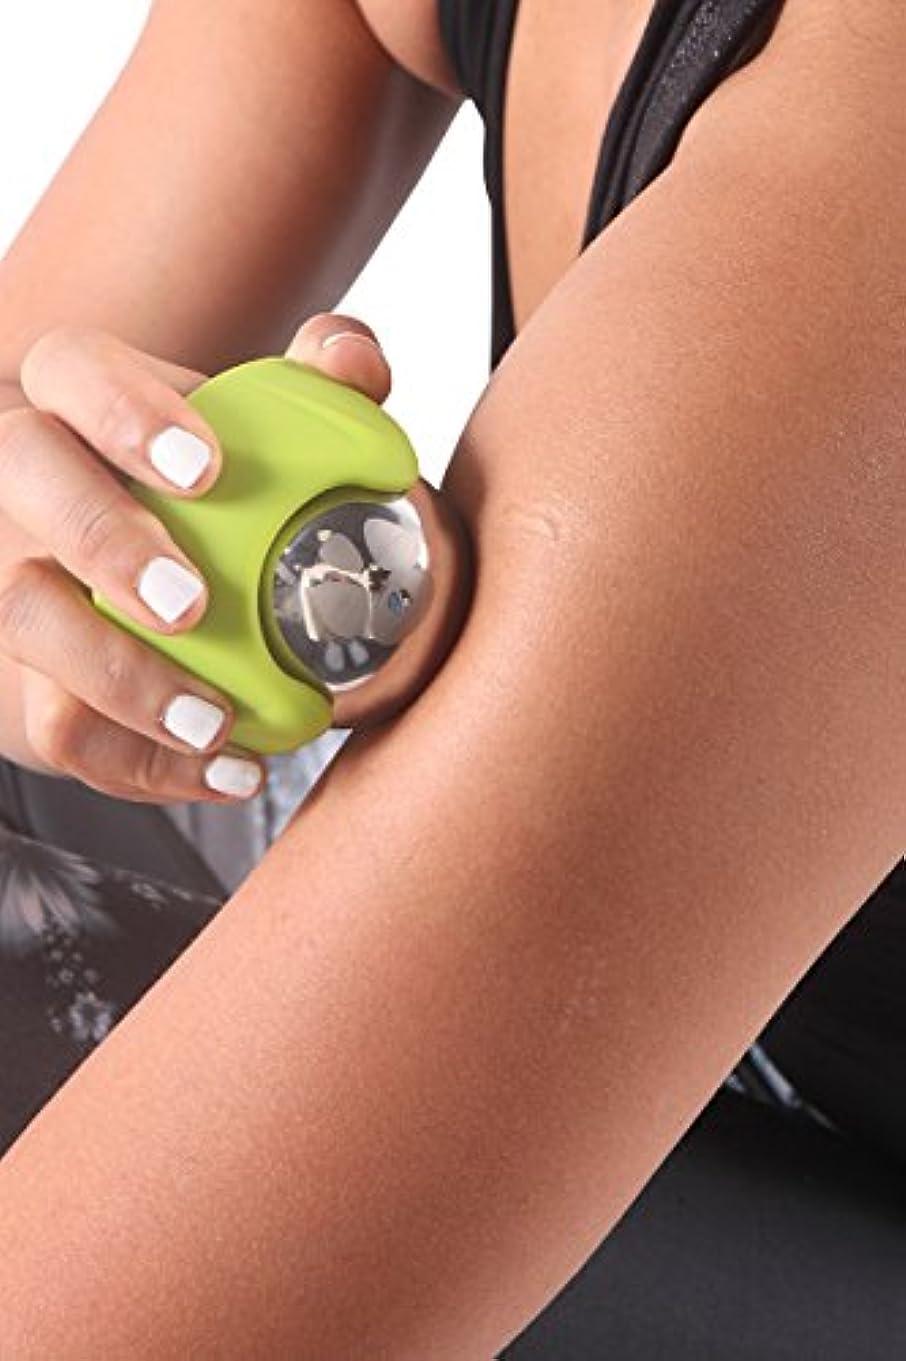 バランス1アイスボールroller-stainlessスチールボールCold Therapyレリーフ